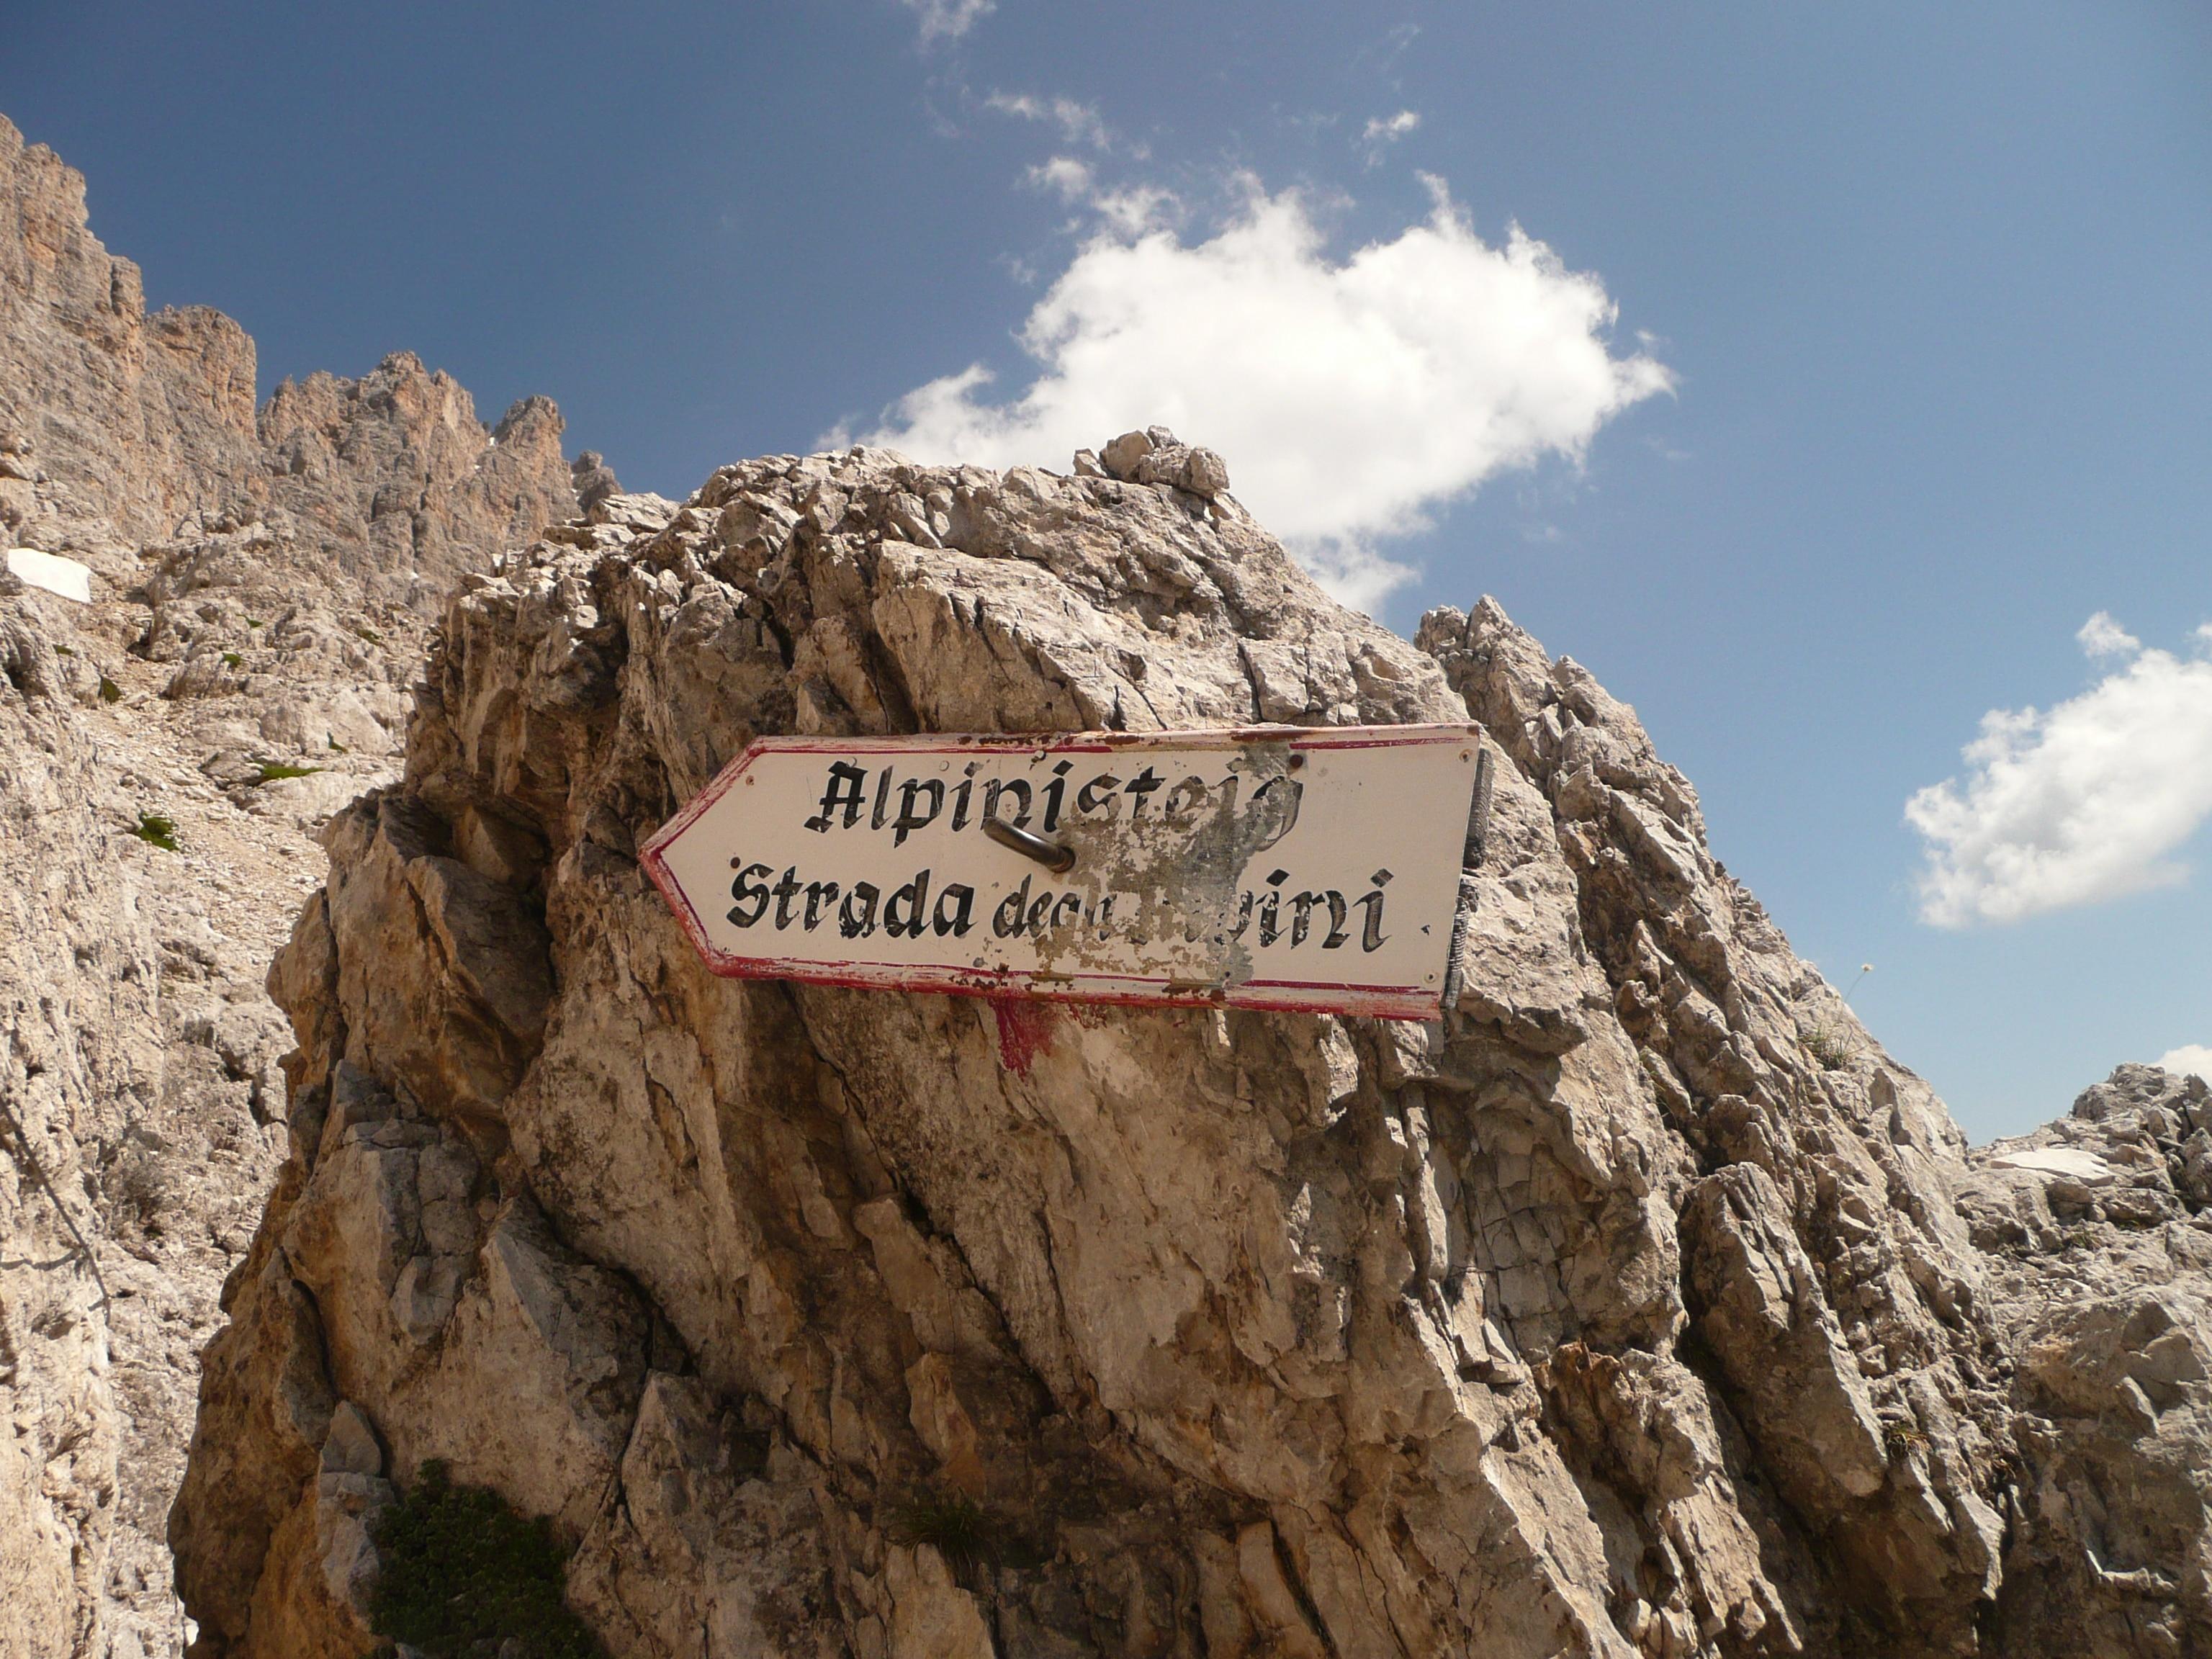 Durch die senkrechten Felswände des Elfers führt der berühmte Alpinisteig (Strada degli alpini) heute als Klettersteig auf ehemaligen italienischen Versorgungspfaden zur Sentinellascharte.